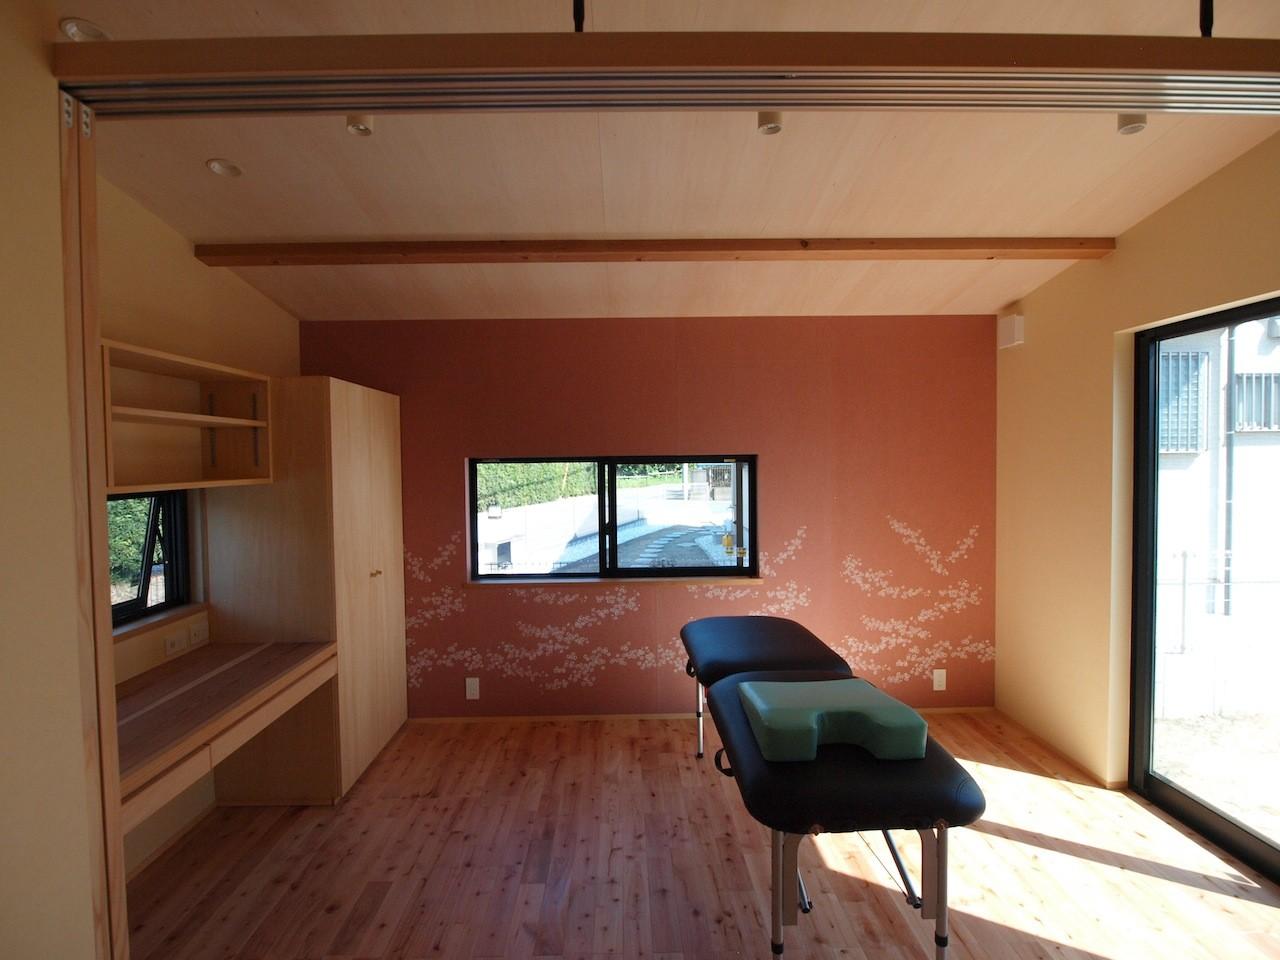 その他事例:診療室(庭を囲むL型の家〜診療室付子建住宅)